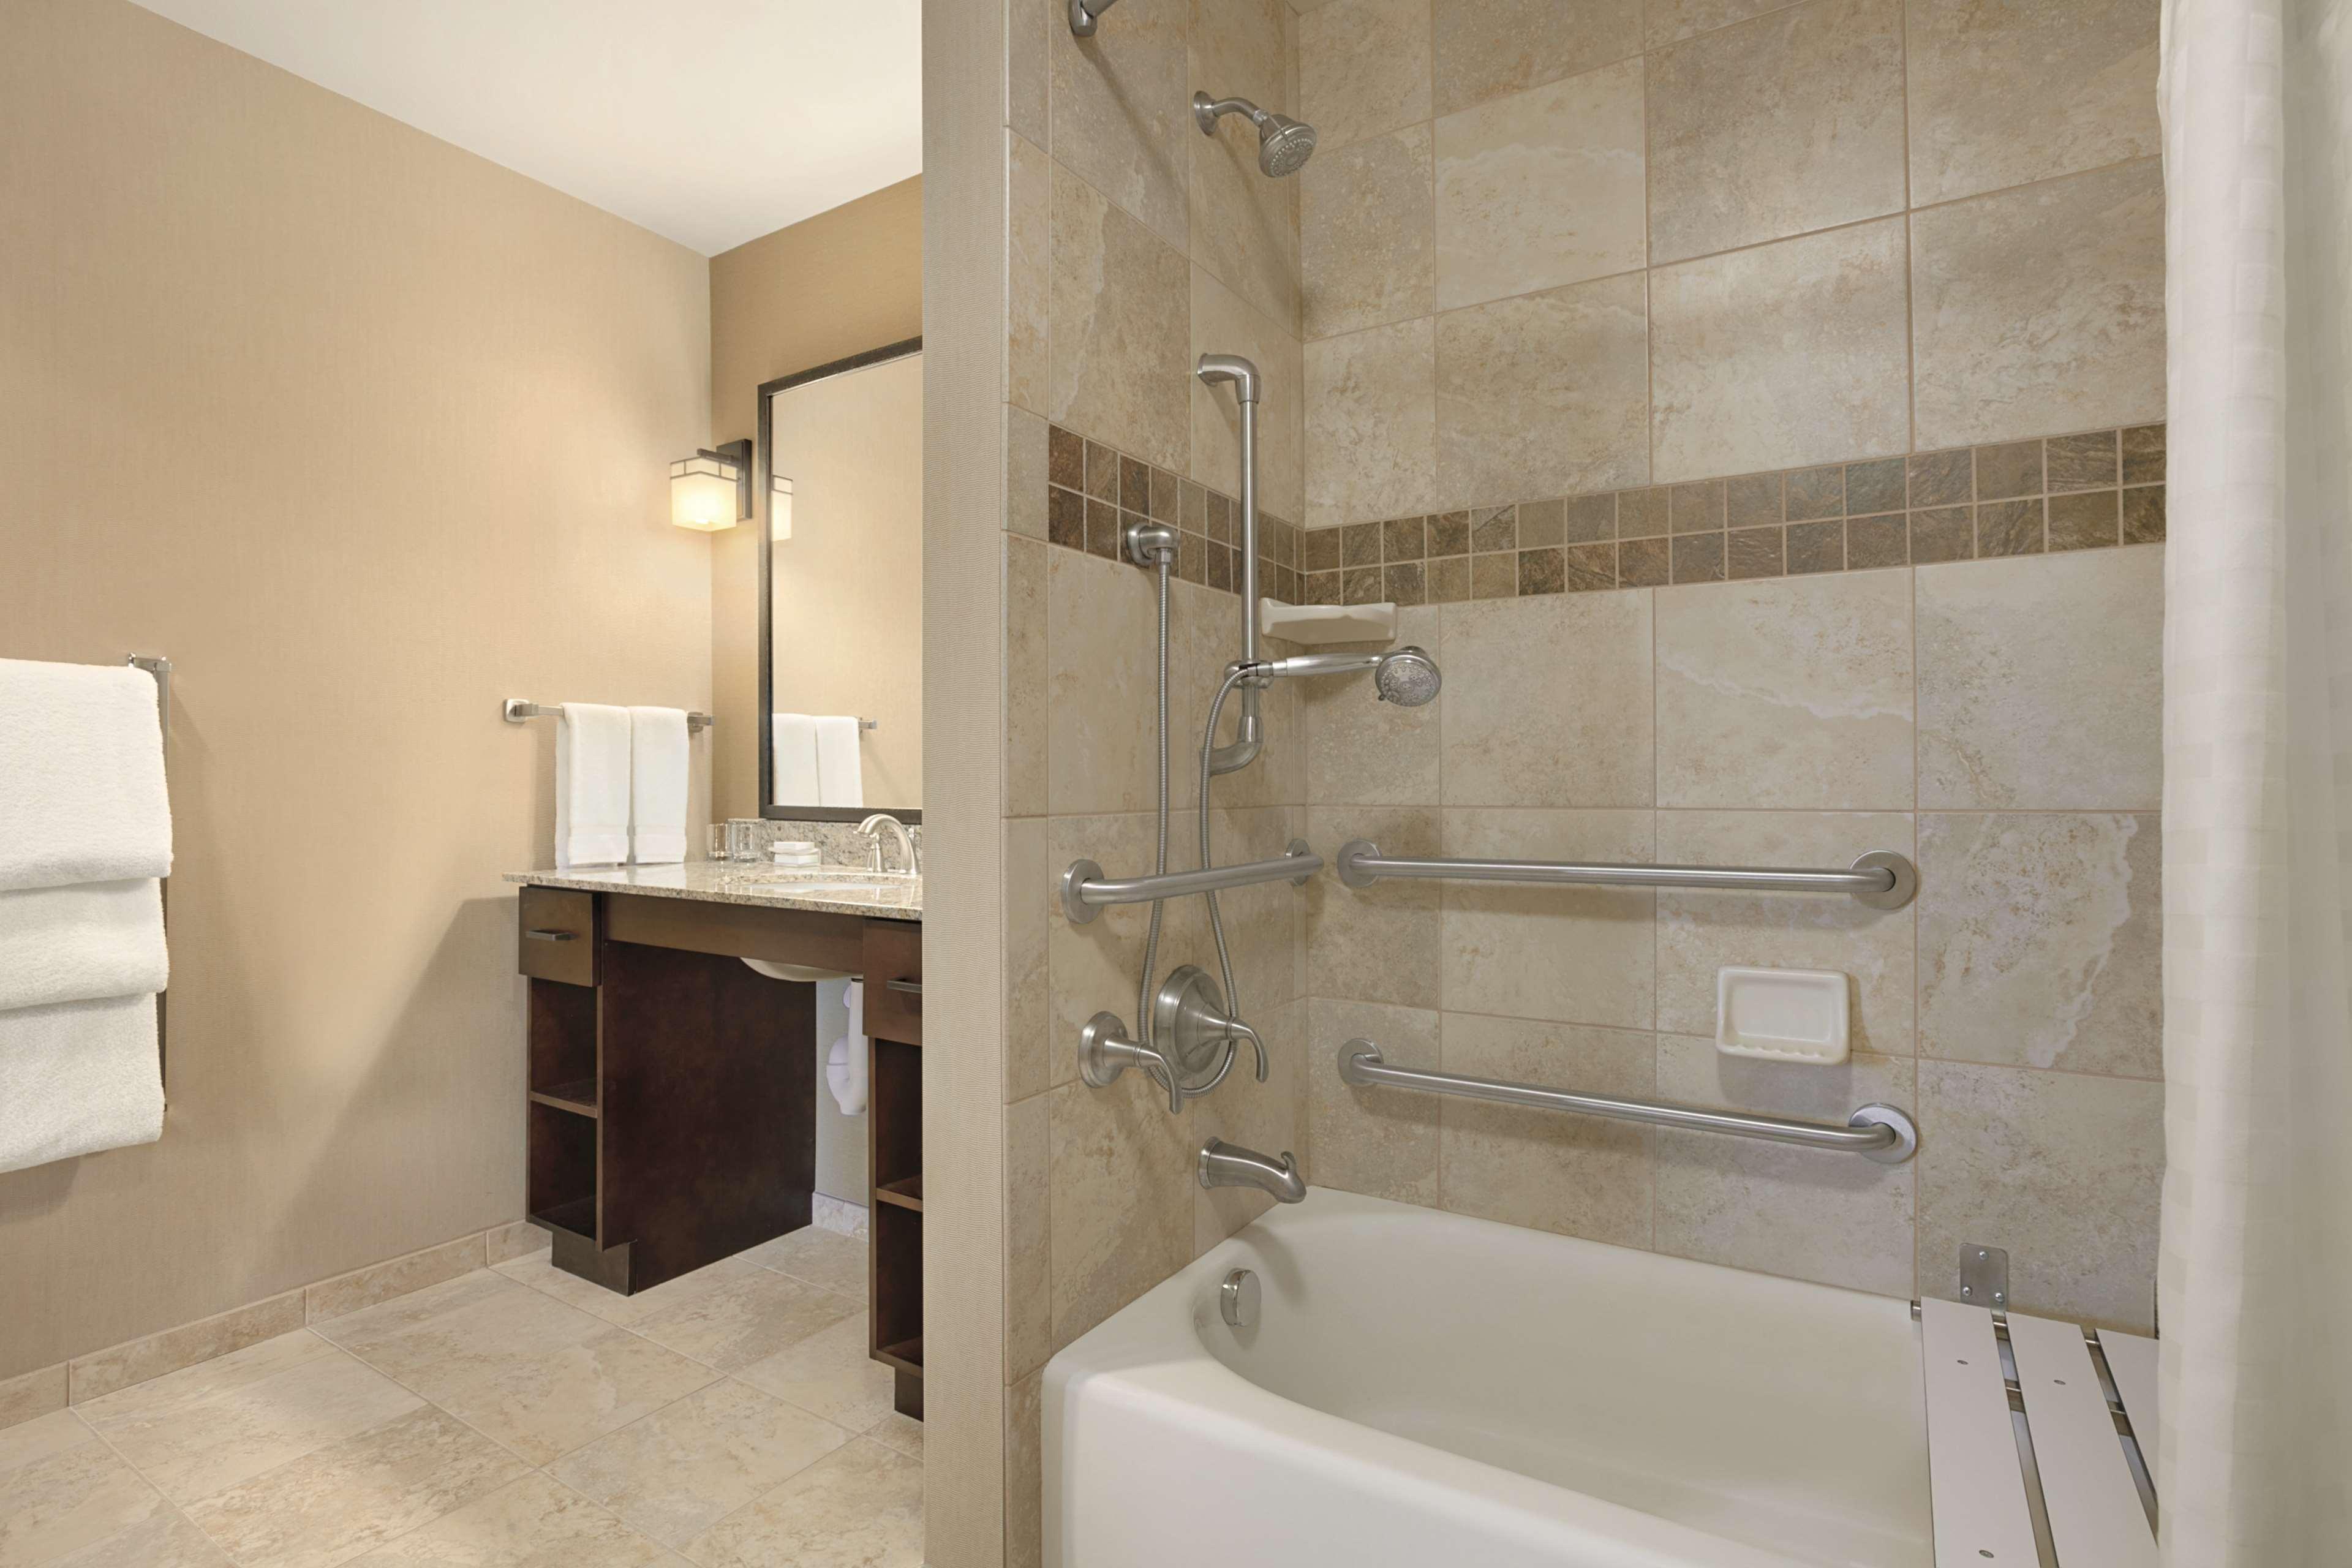 Homewood Suites by Hilton Kalispell, MT image 12